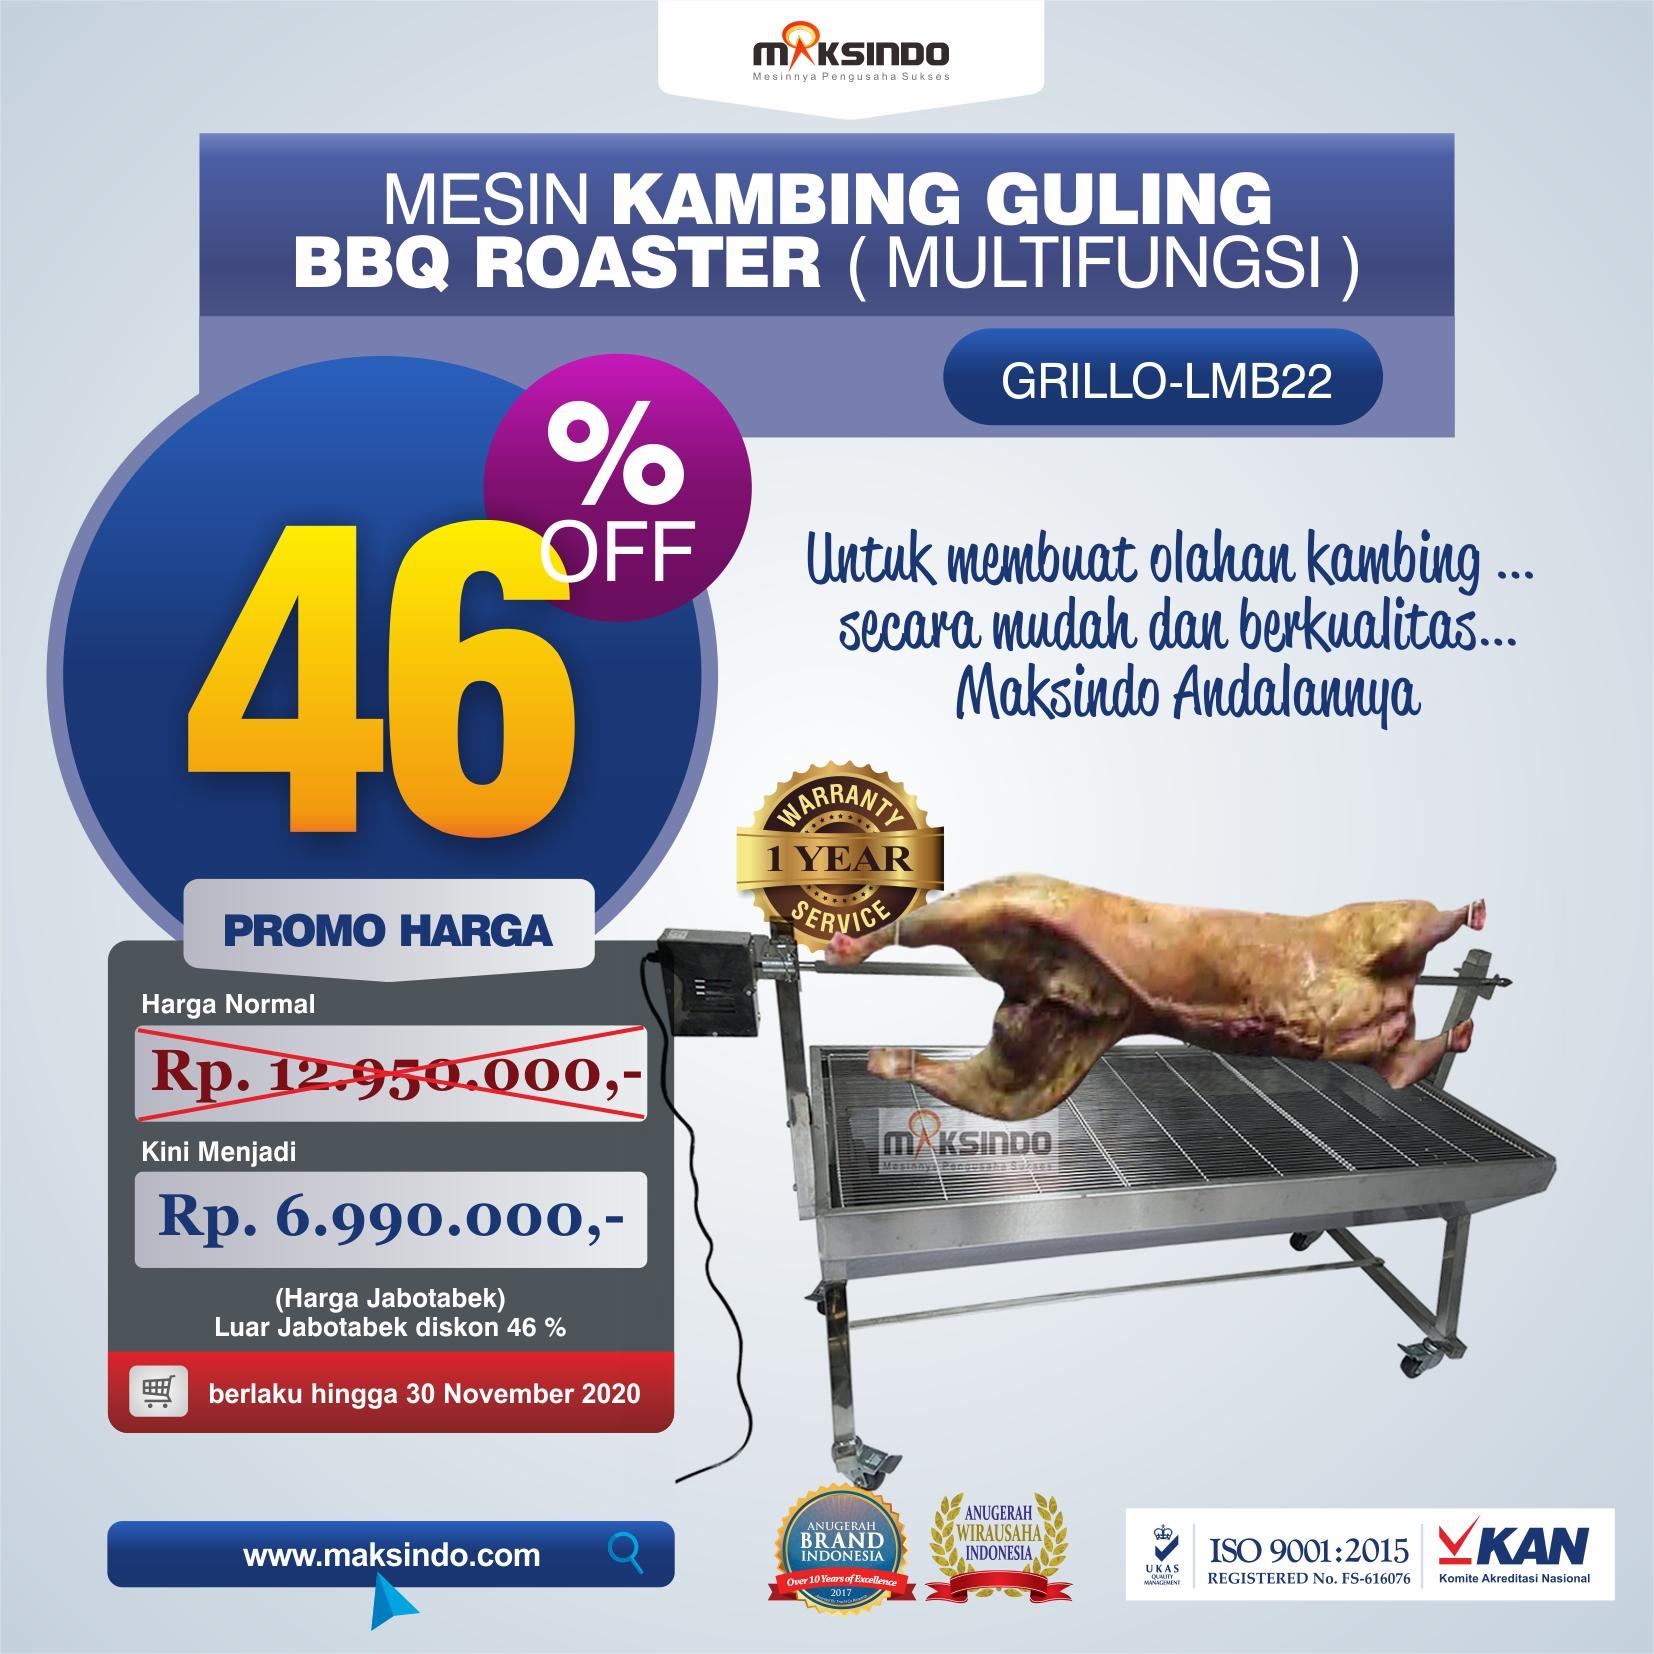 Jual Mesin Kambing Guling BBQ Roaster (GRILLO-LMB22) di Bekasi